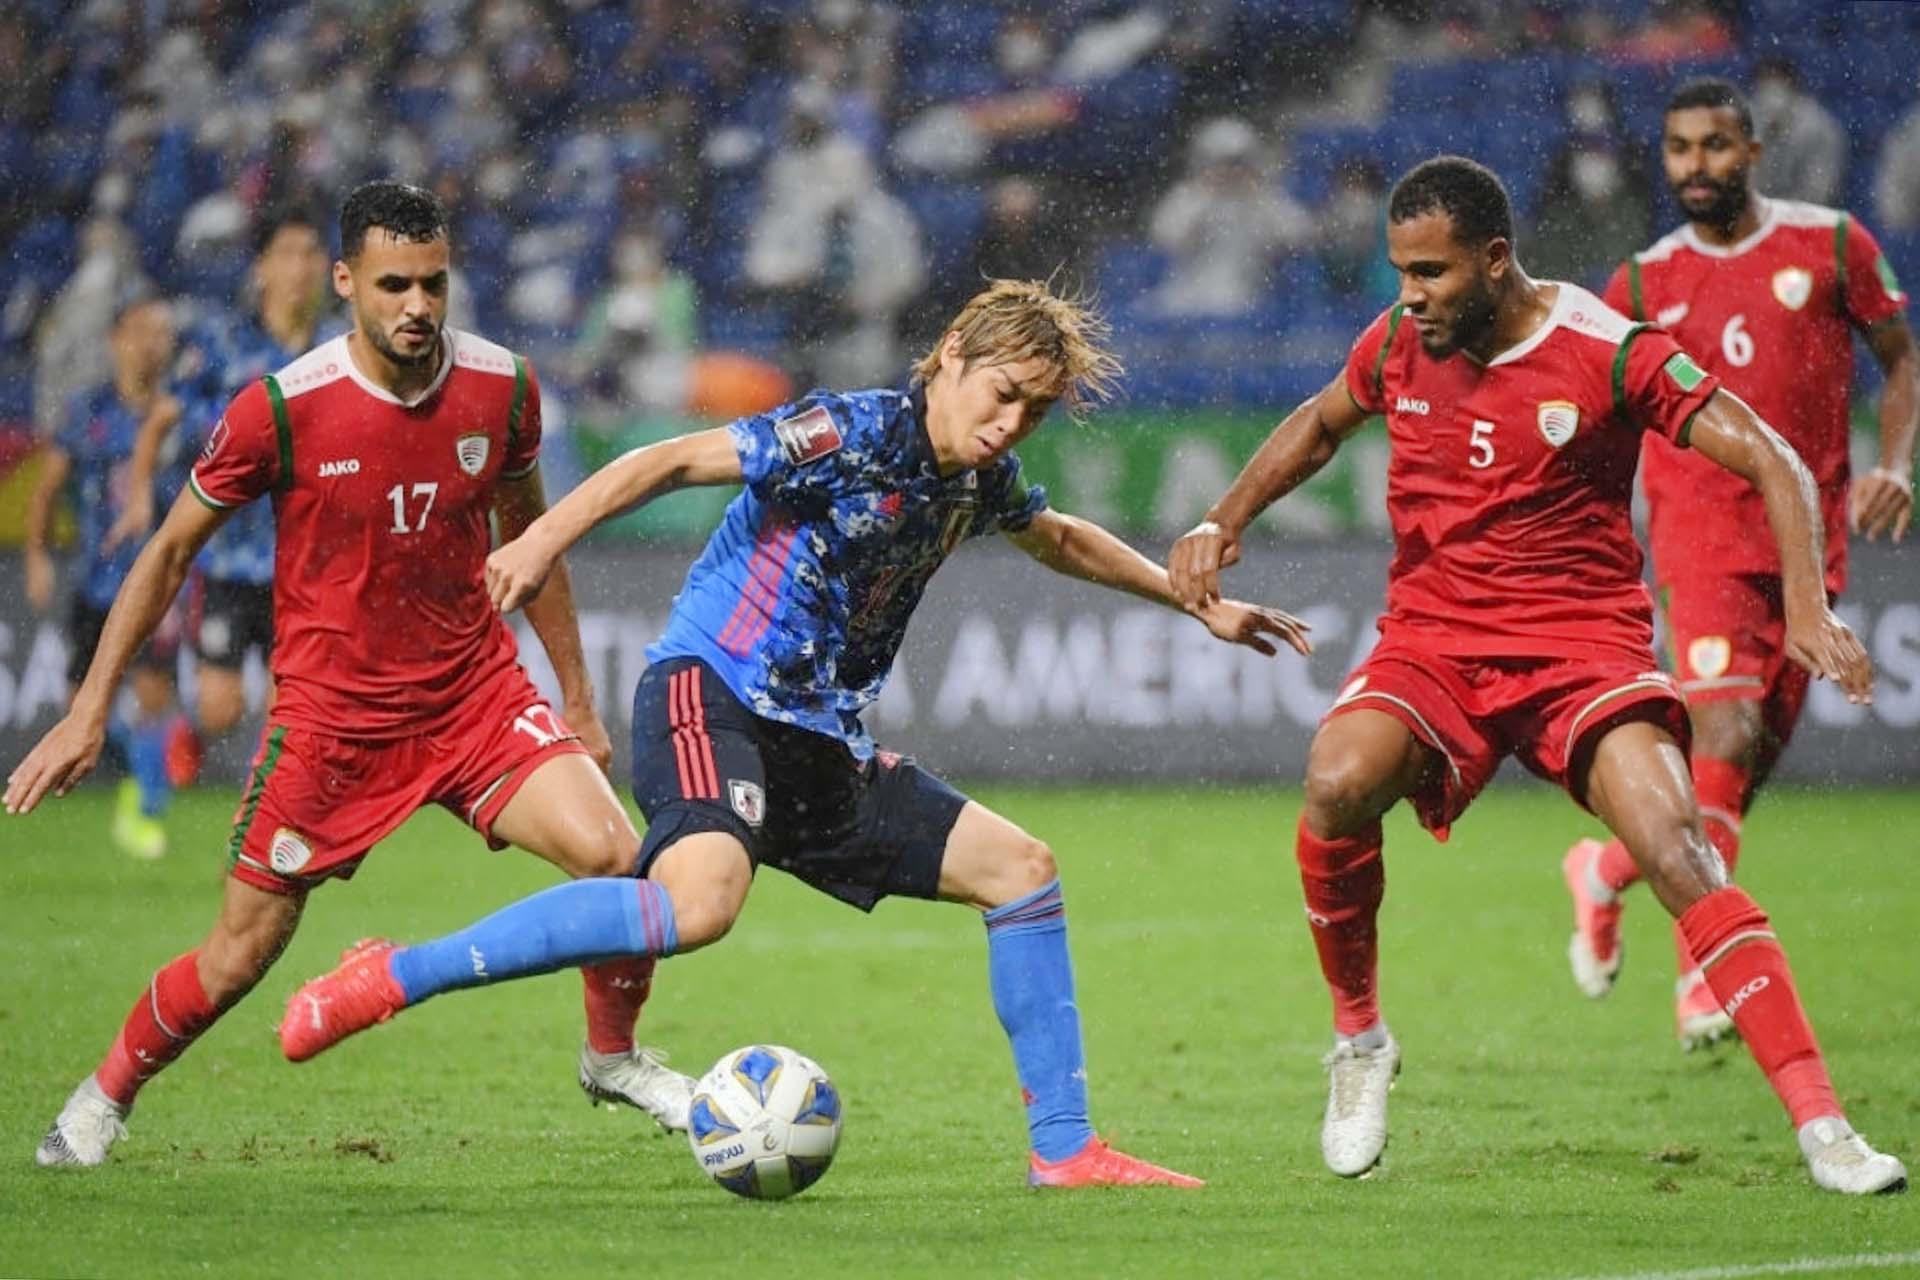 Nhật Bản bất ngờ thất bại trước đối thủ Oman